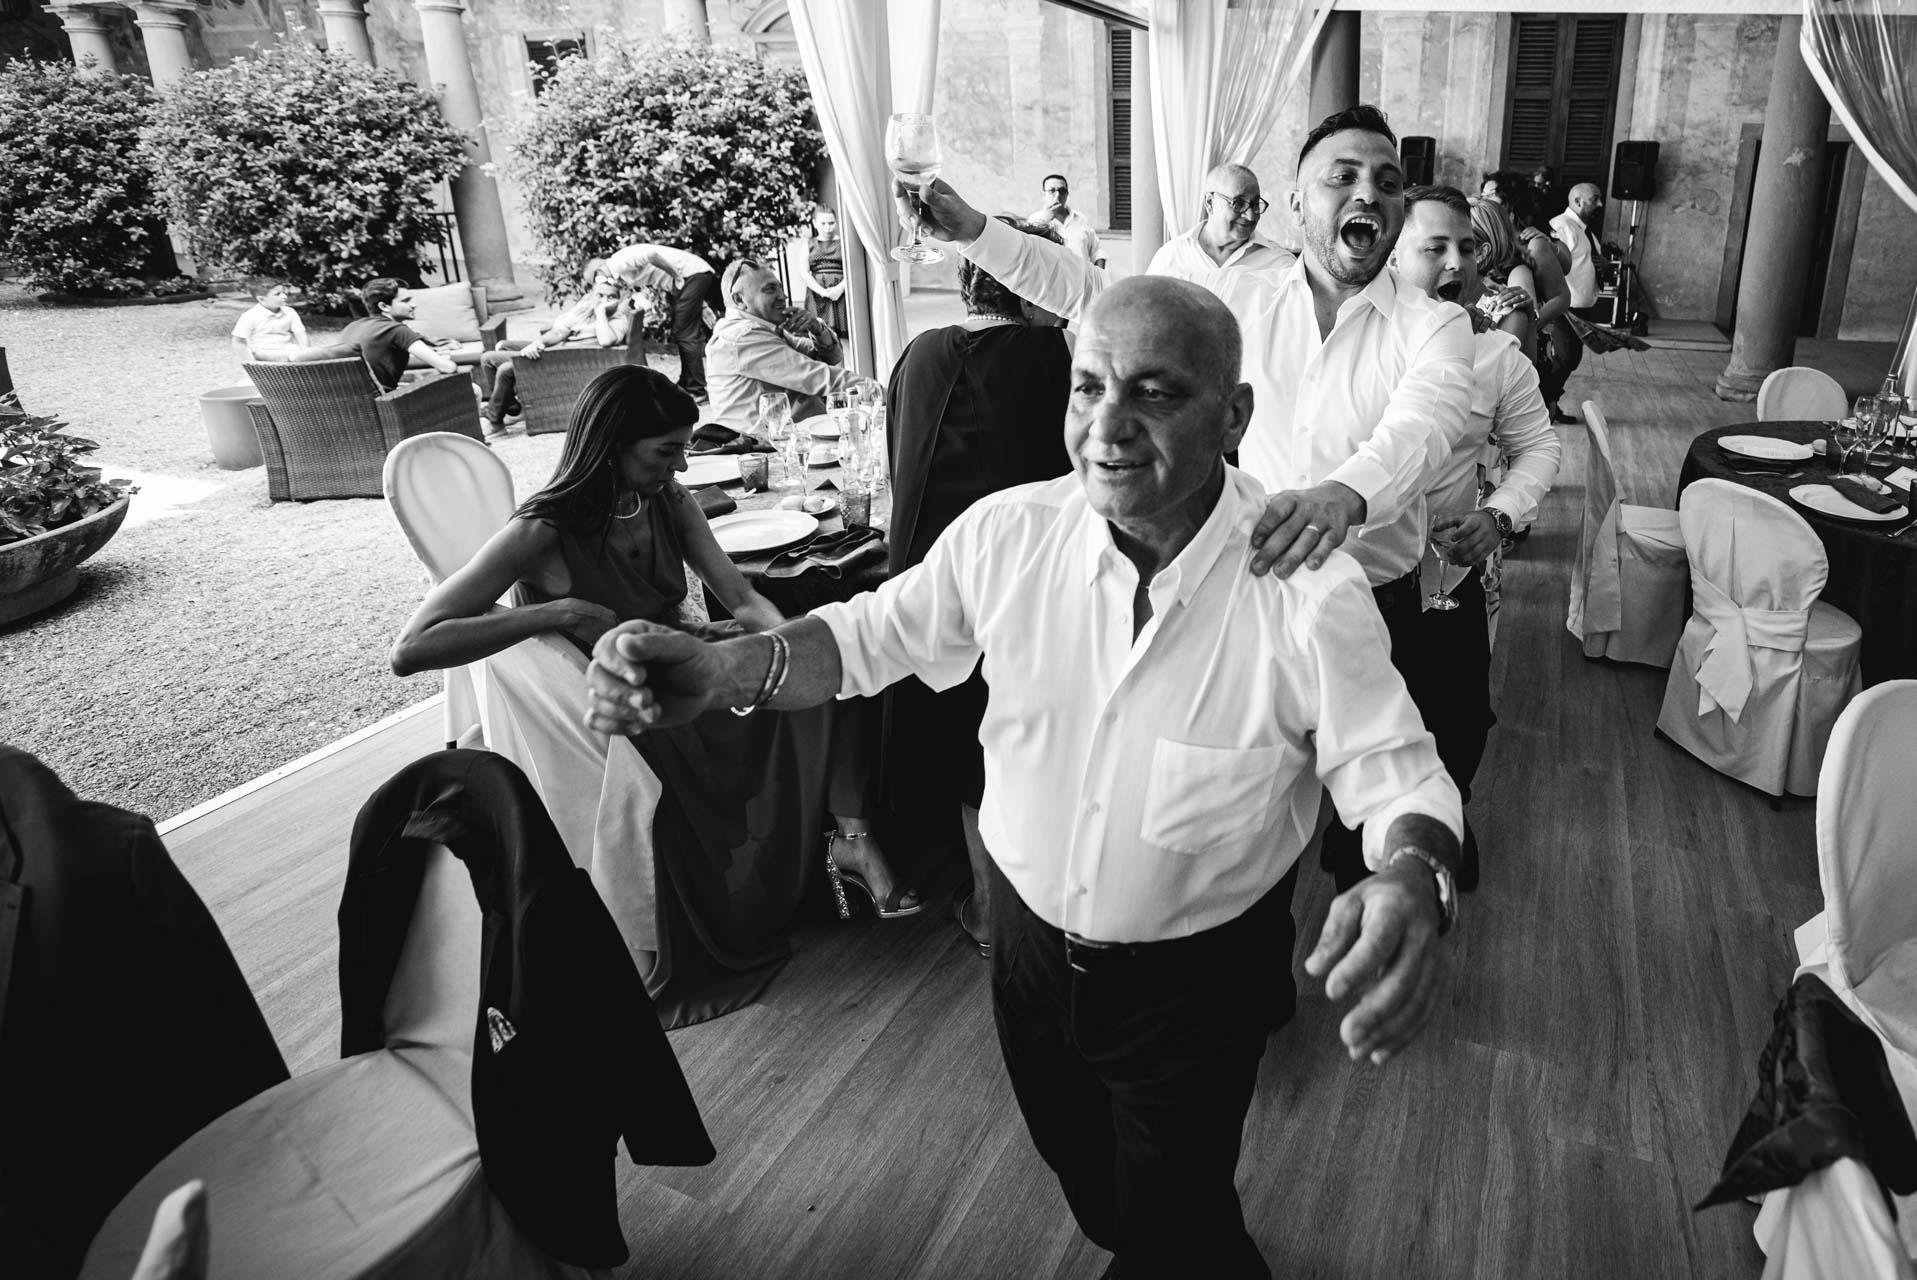 matrimonio invitati ricevimento ballo bianco e nero